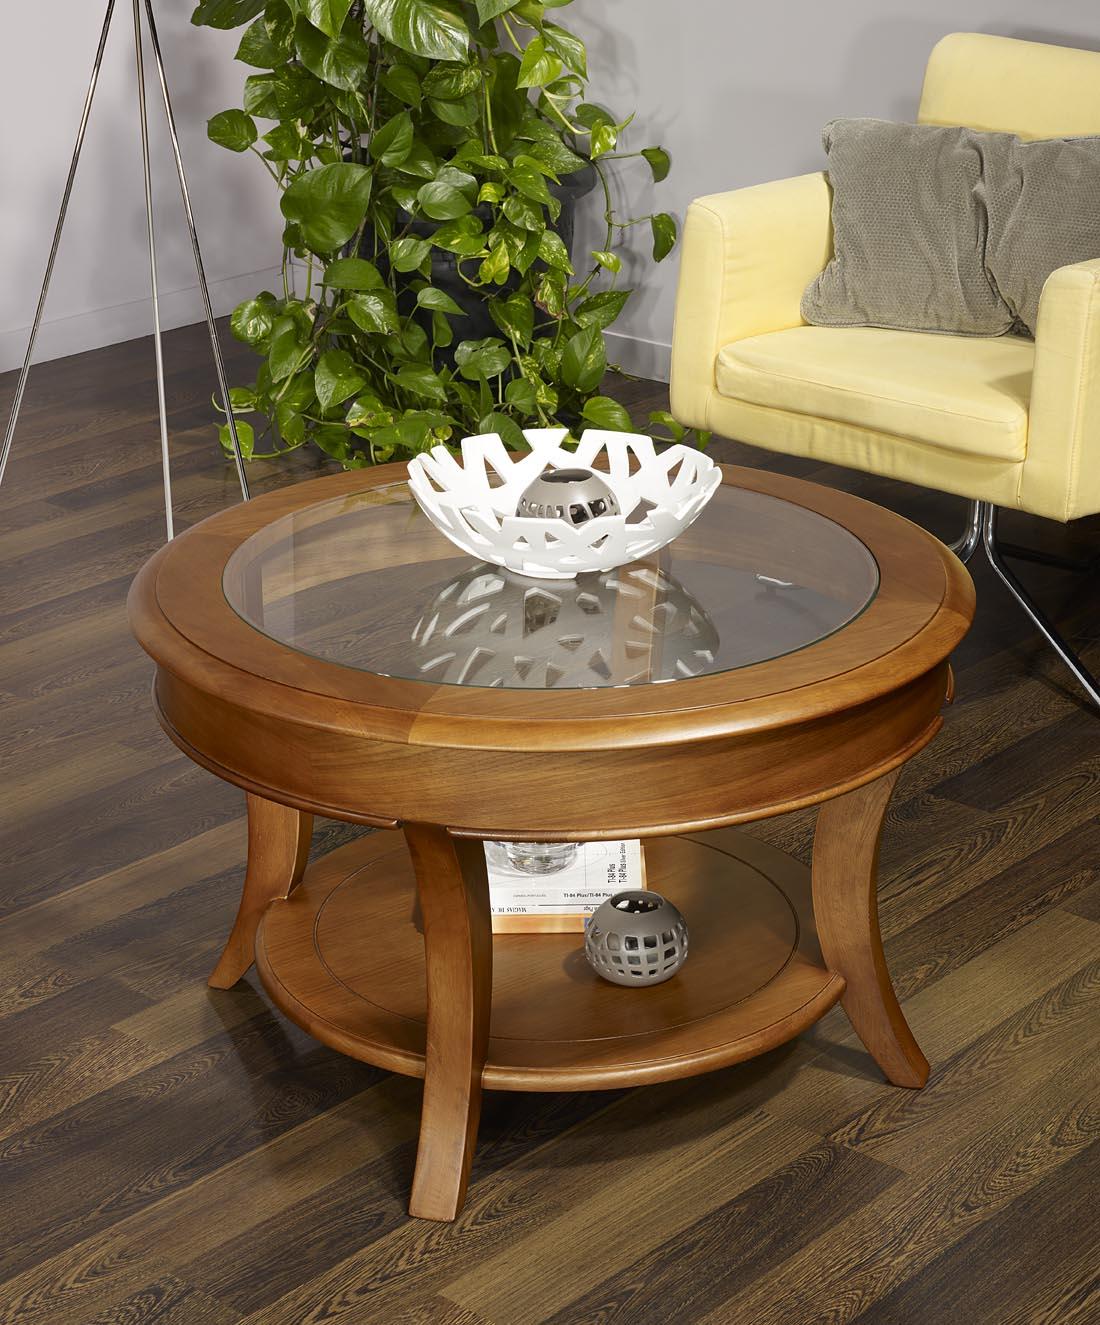 Table basse ronde en bois et verre